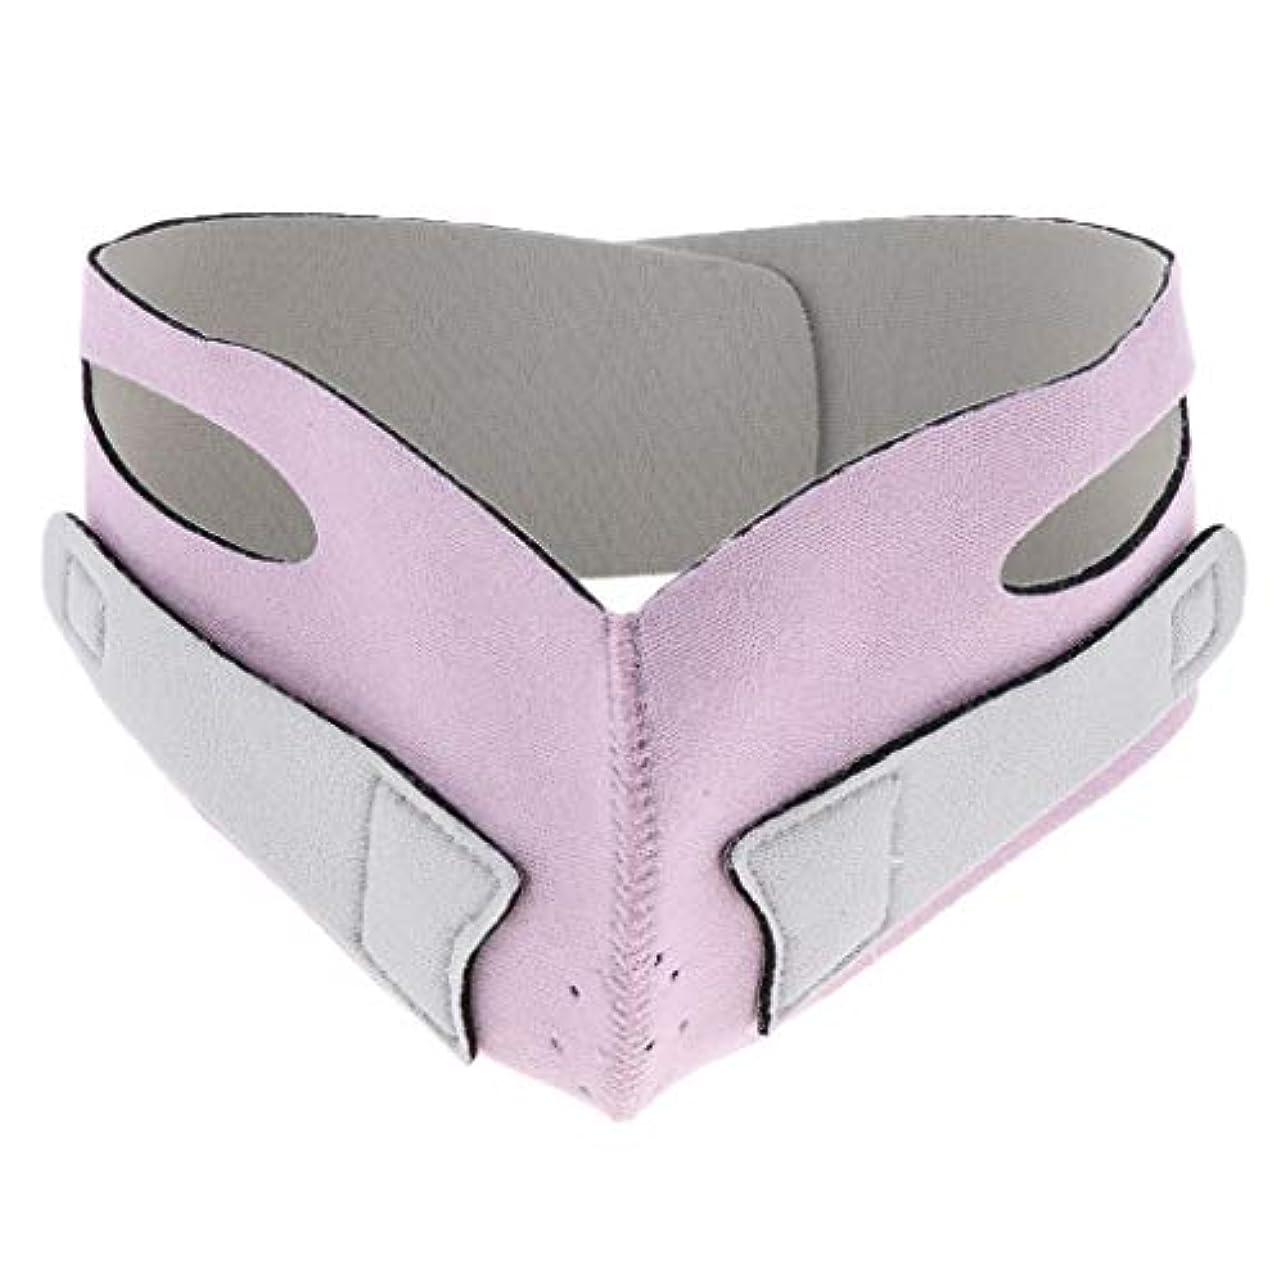 シリアルパケット苦悩引き上げマスク 頬リフトアップ V-ラインマスク リフティング リフトスリムマスク 通気性 全2色 - ピンク